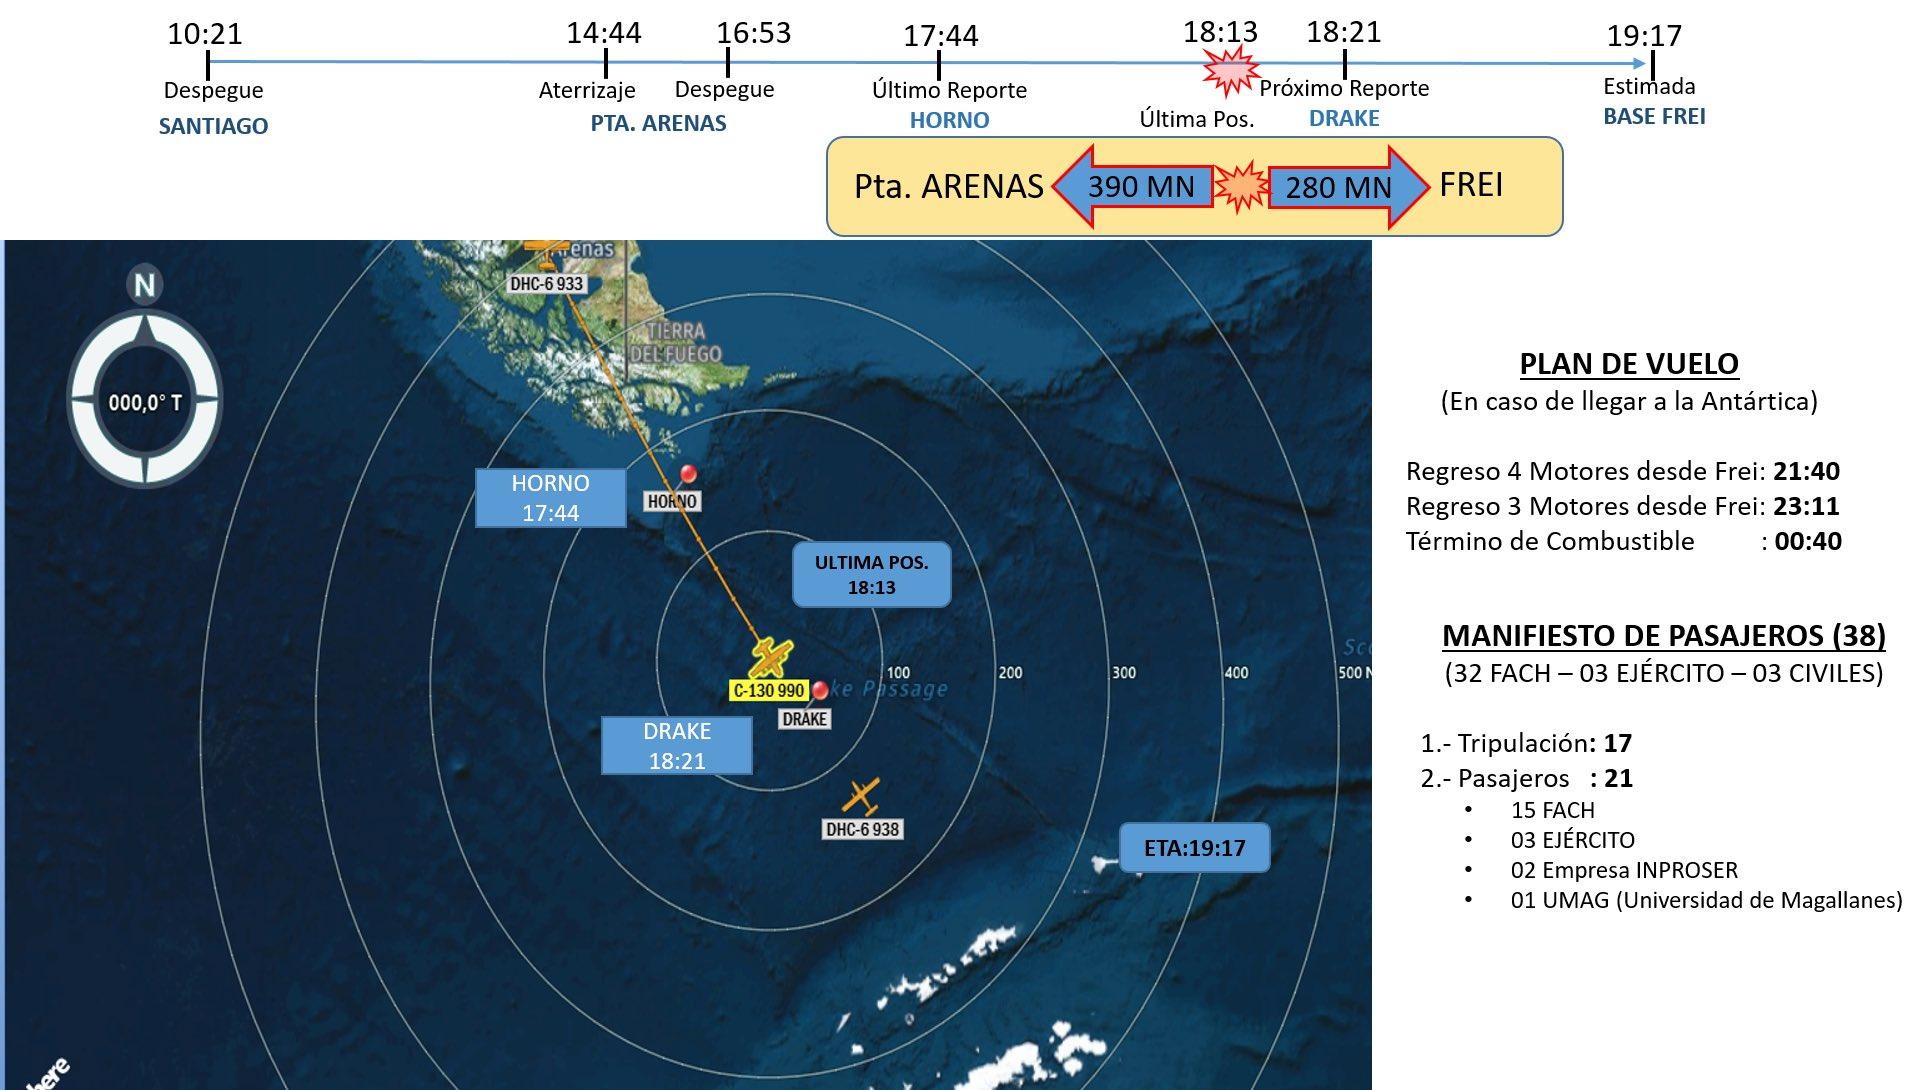 Desaparece aeronave de la Fuerza Aérea de Chile con 38 pasajeros; la declaran